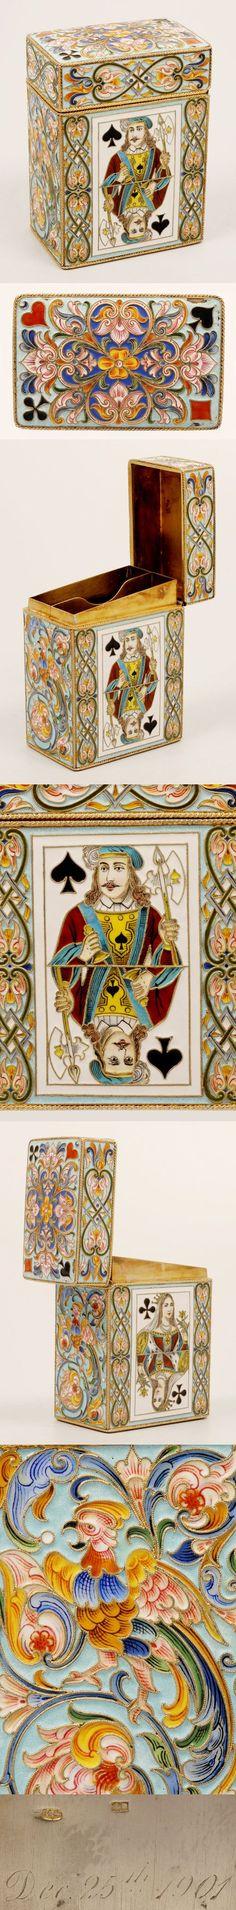 Эмалевый футляр для игральных карт в русском стиле.